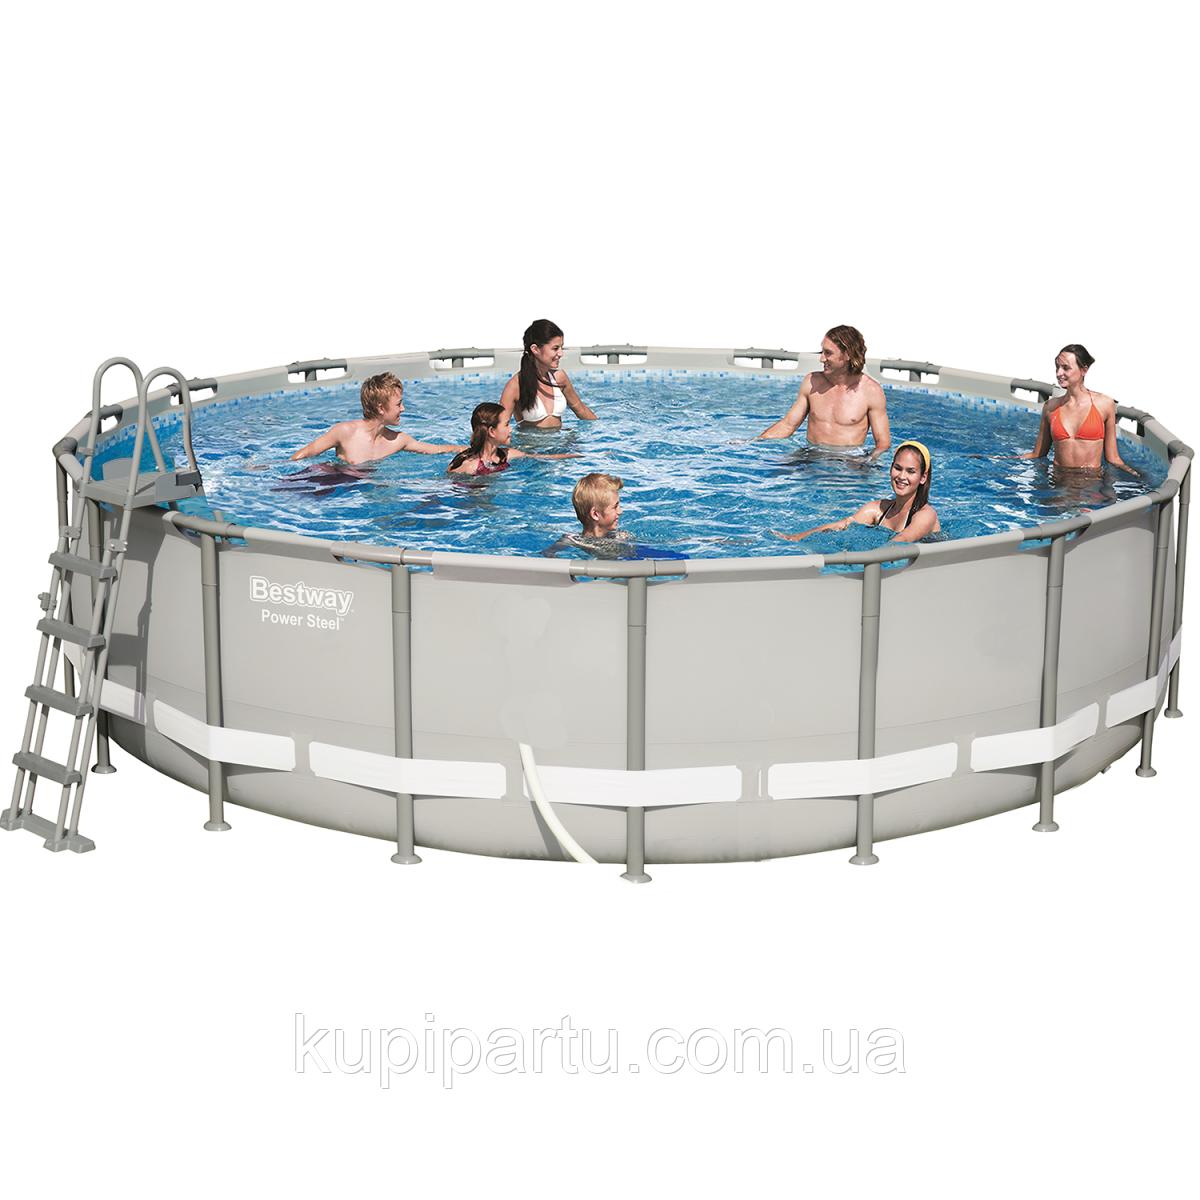 Каркансый басейн Bestway 56427 - 1, 549 x 132 см (сходи, тент, підстилка) Без помпи